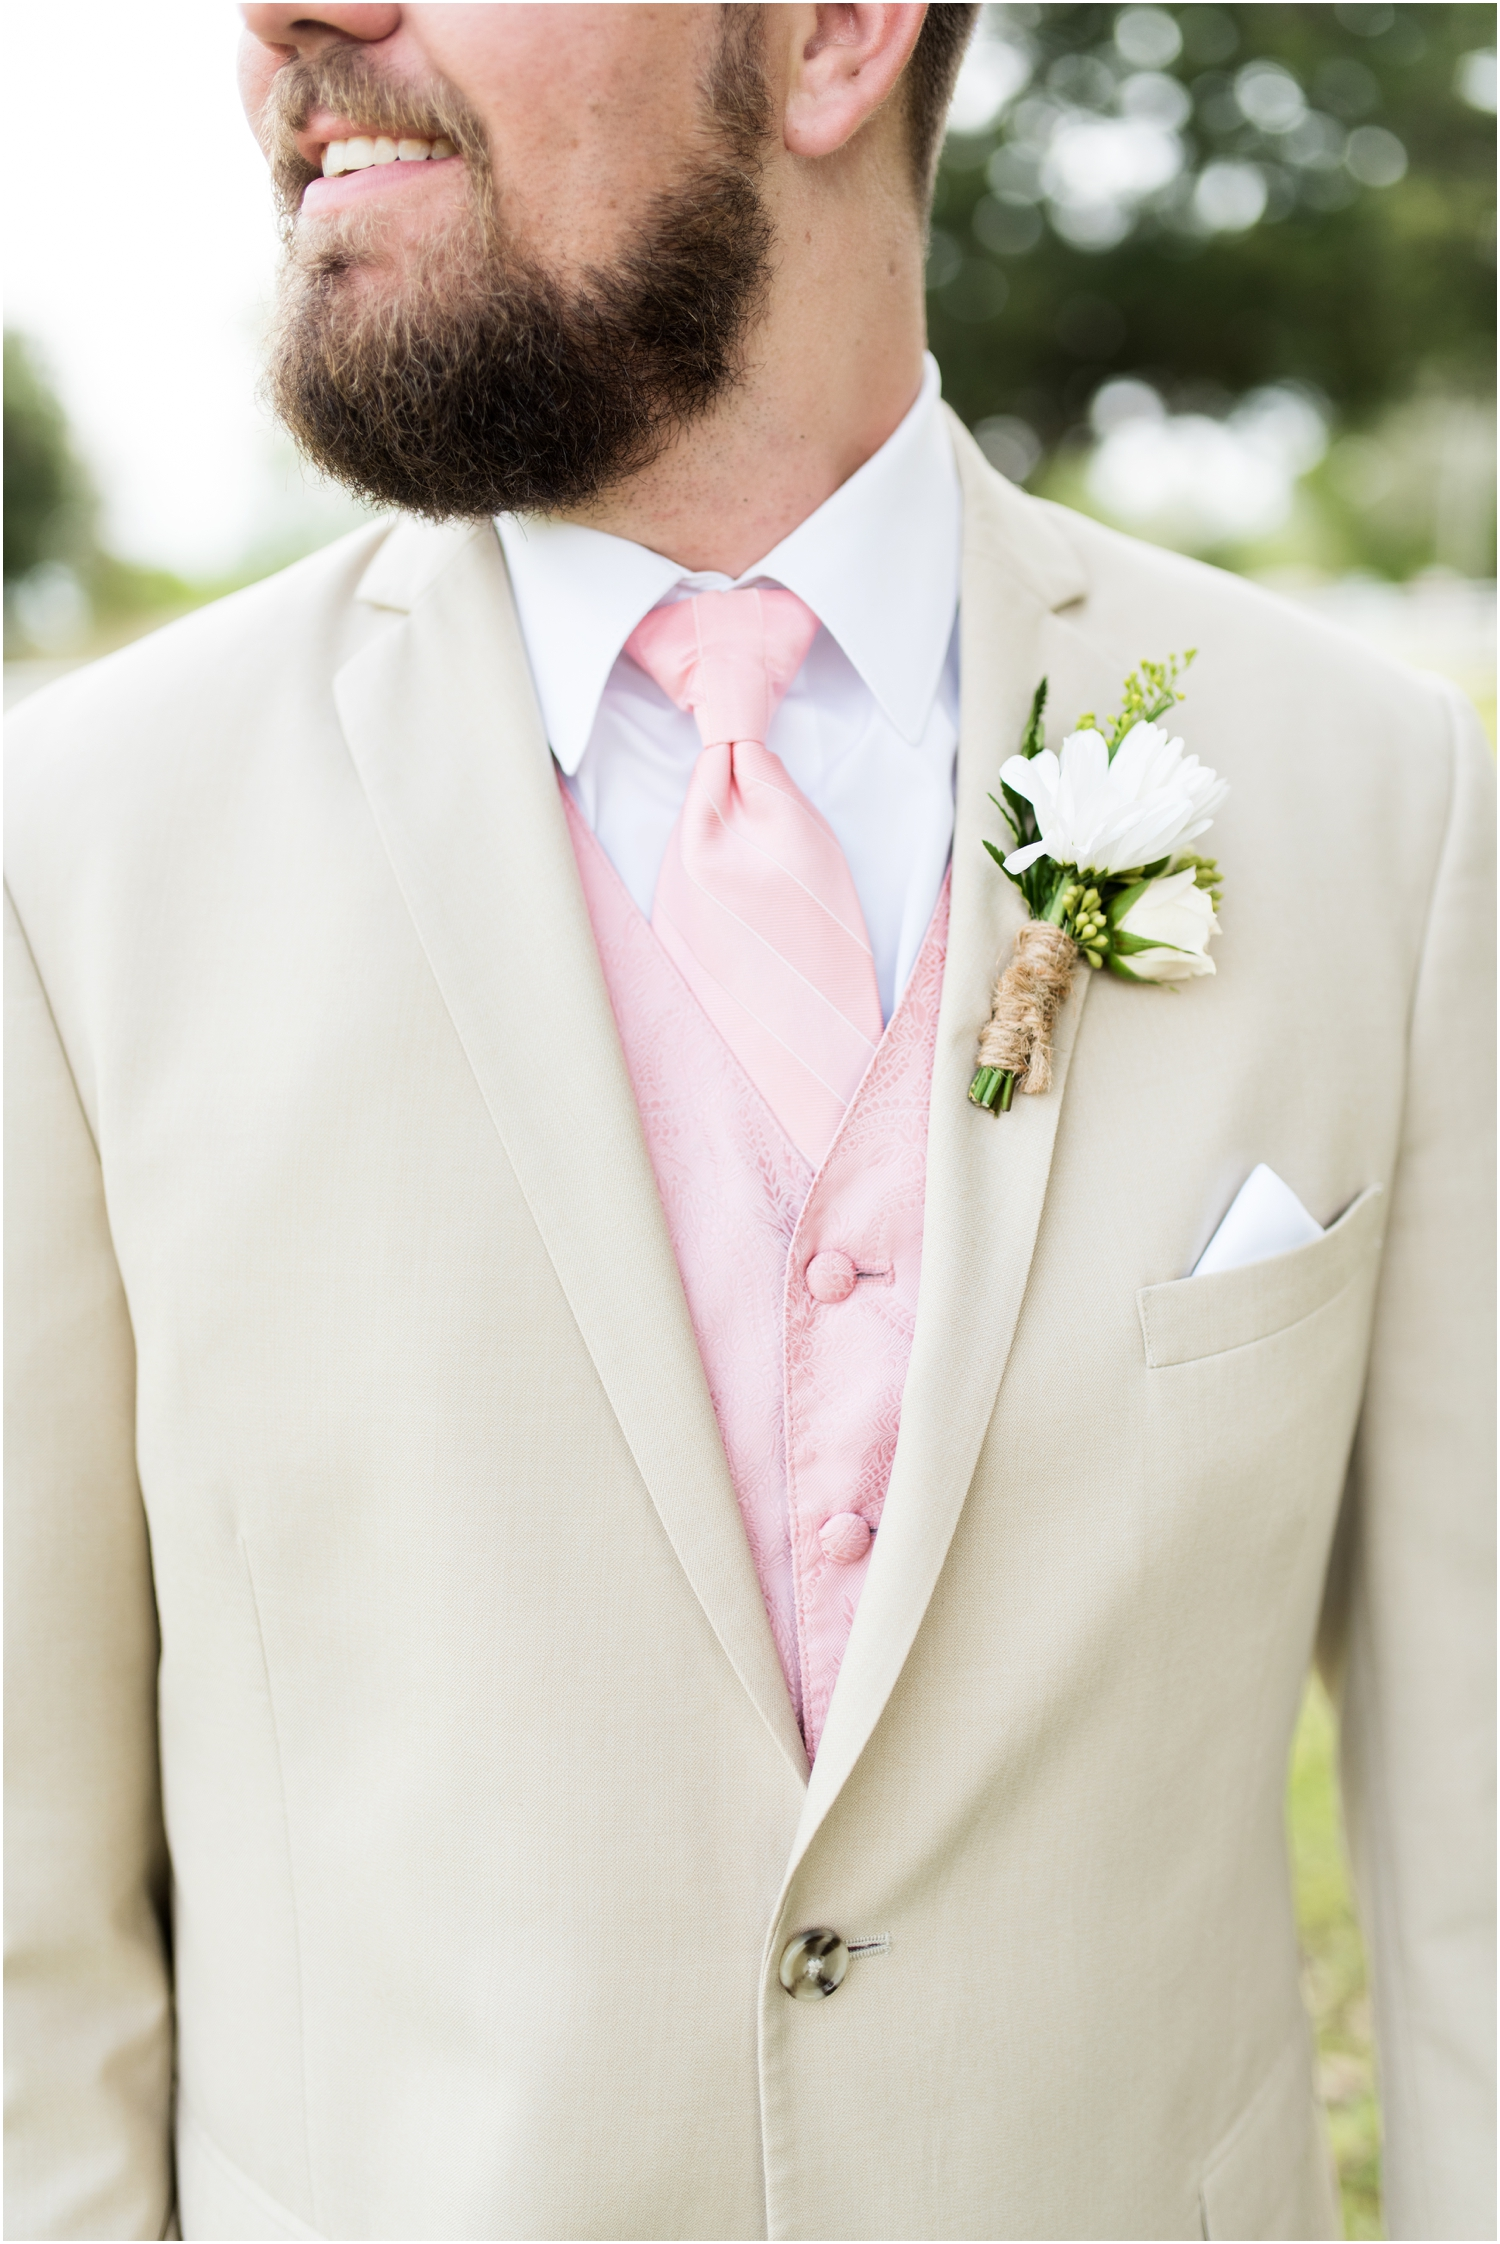 Sowell Farms Milton Florida Rustic Woodsy Barn Wedding Photographer groom getting ready